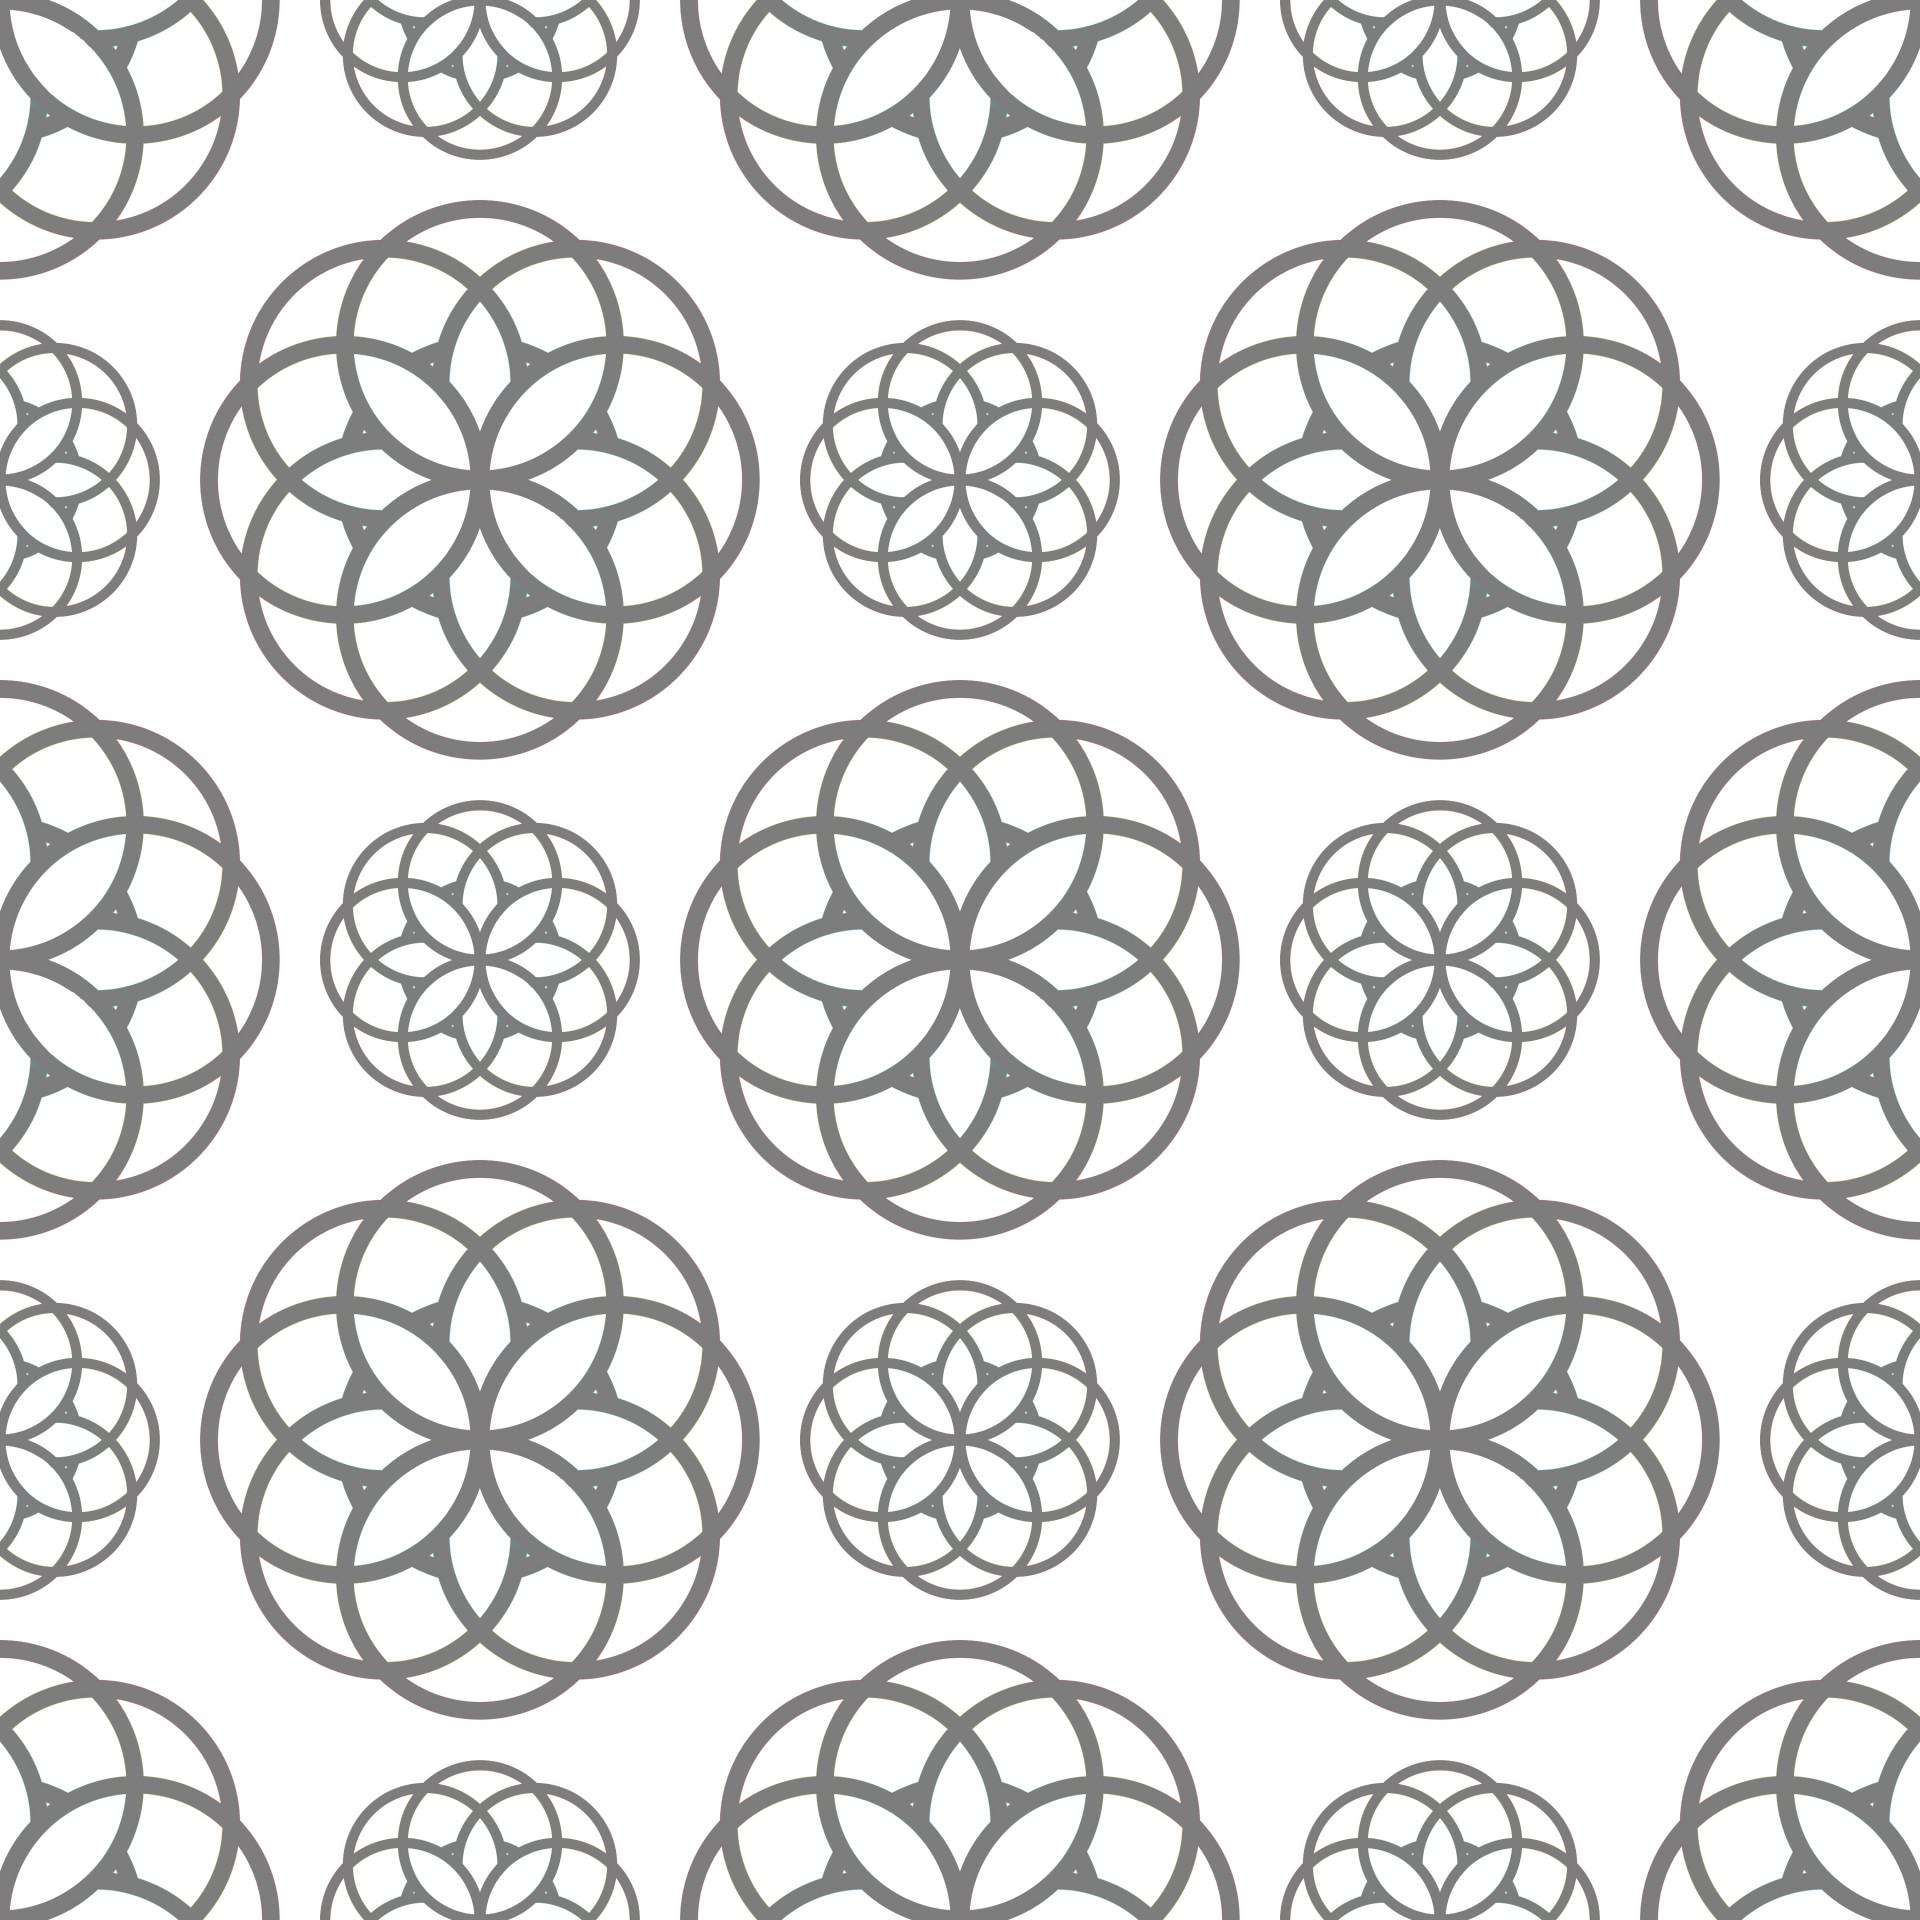 Geometric Circles Seamless Pattern Free Stock Photo